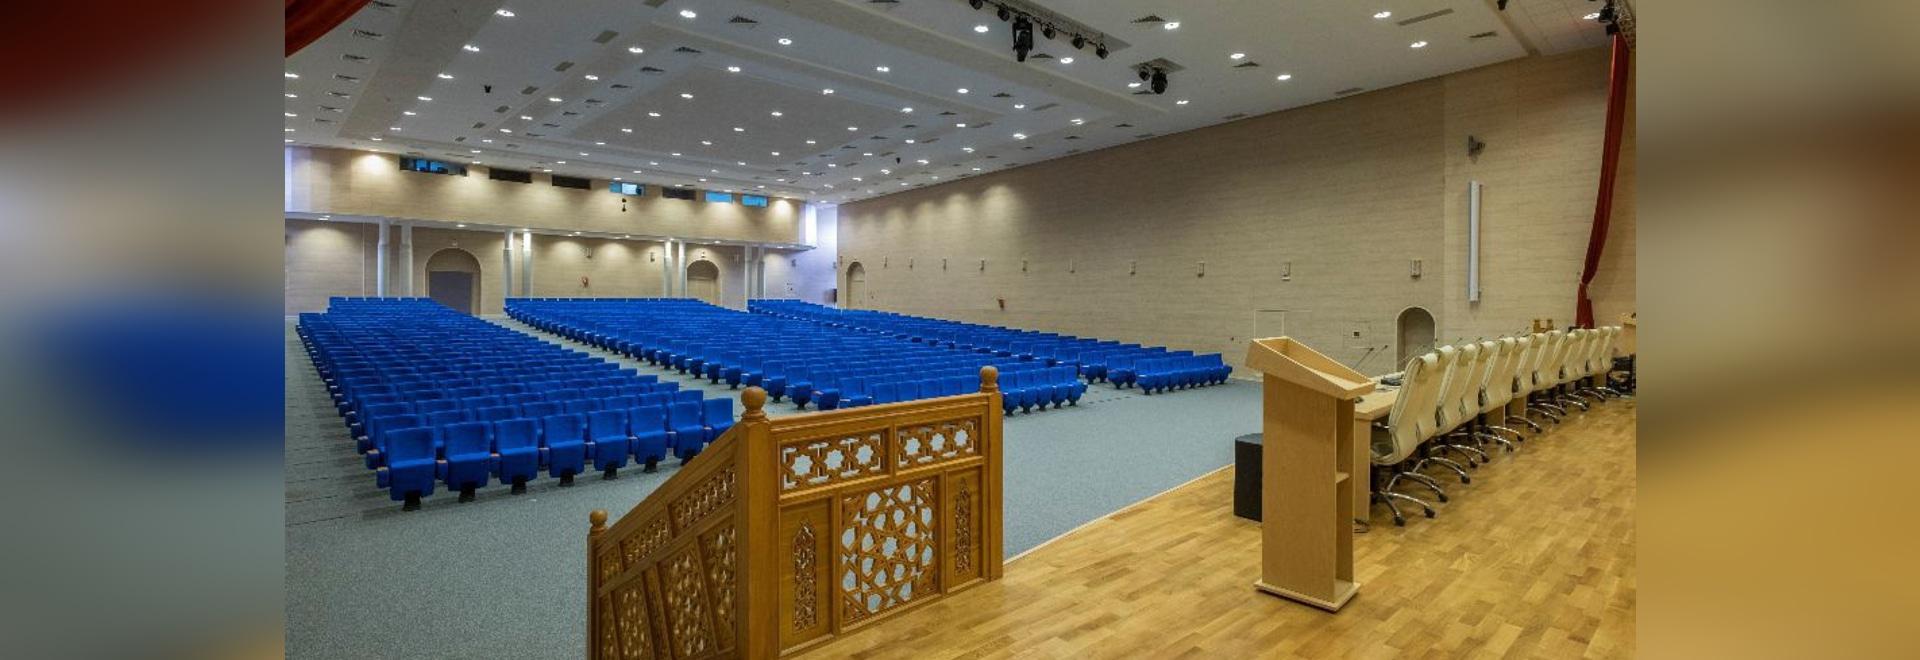 Quinette Gallay equipa la sala de conferencias del ministerio de Habous y de asuntos islámicos.